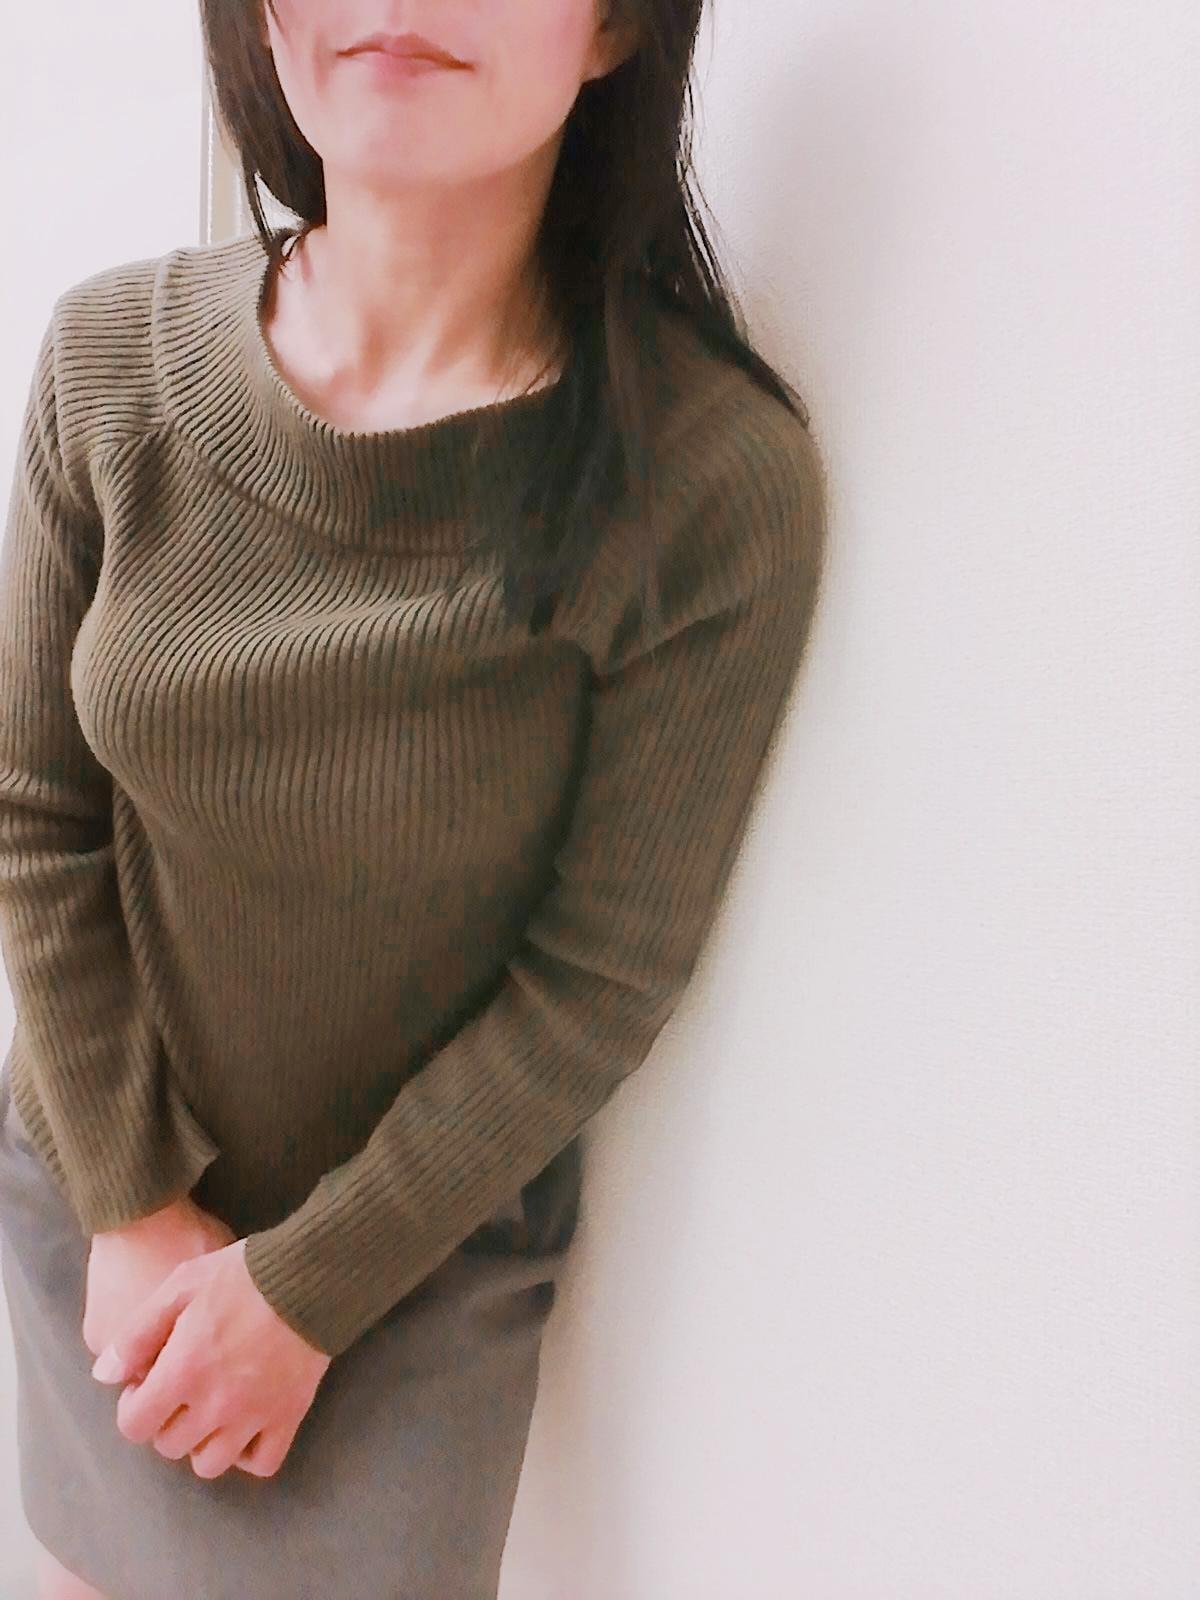 「出勤しました(・∀・)」01/17(日) 14:24 | 望月柚希の写メ・風俗動画